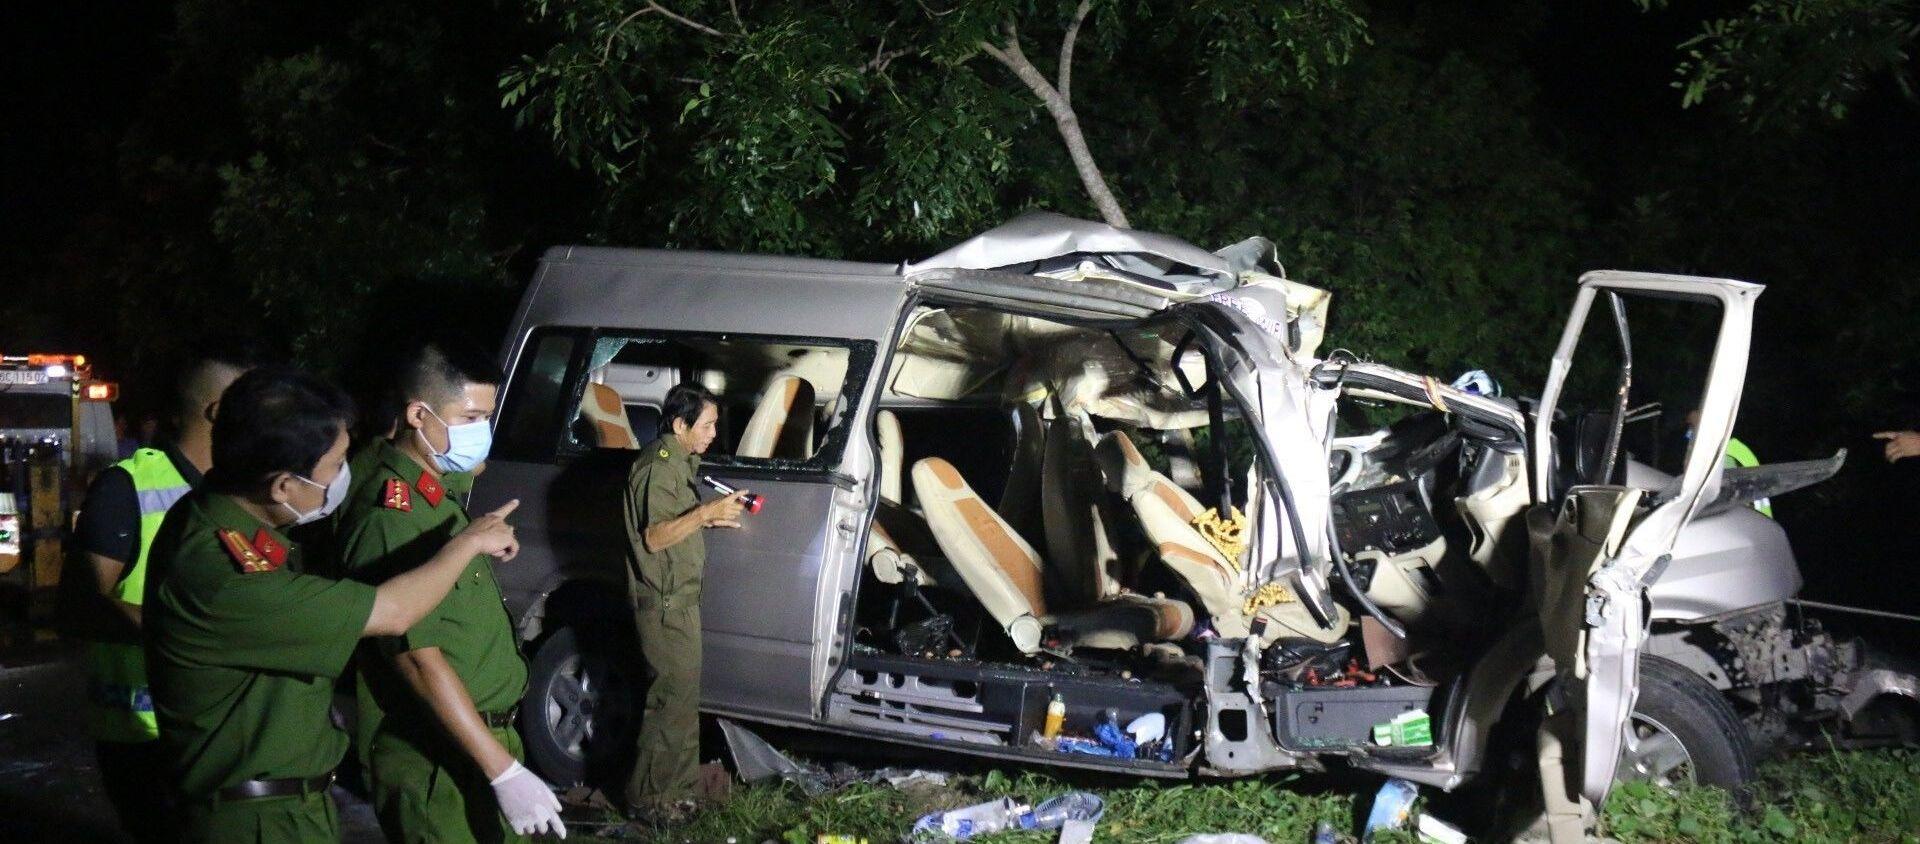 Các lực lượng khám nghiệm hiện trường, điều tra nguyên nhân vụ tai nạn. - Sputnik Việt Nam, 1920, 21.07.2020